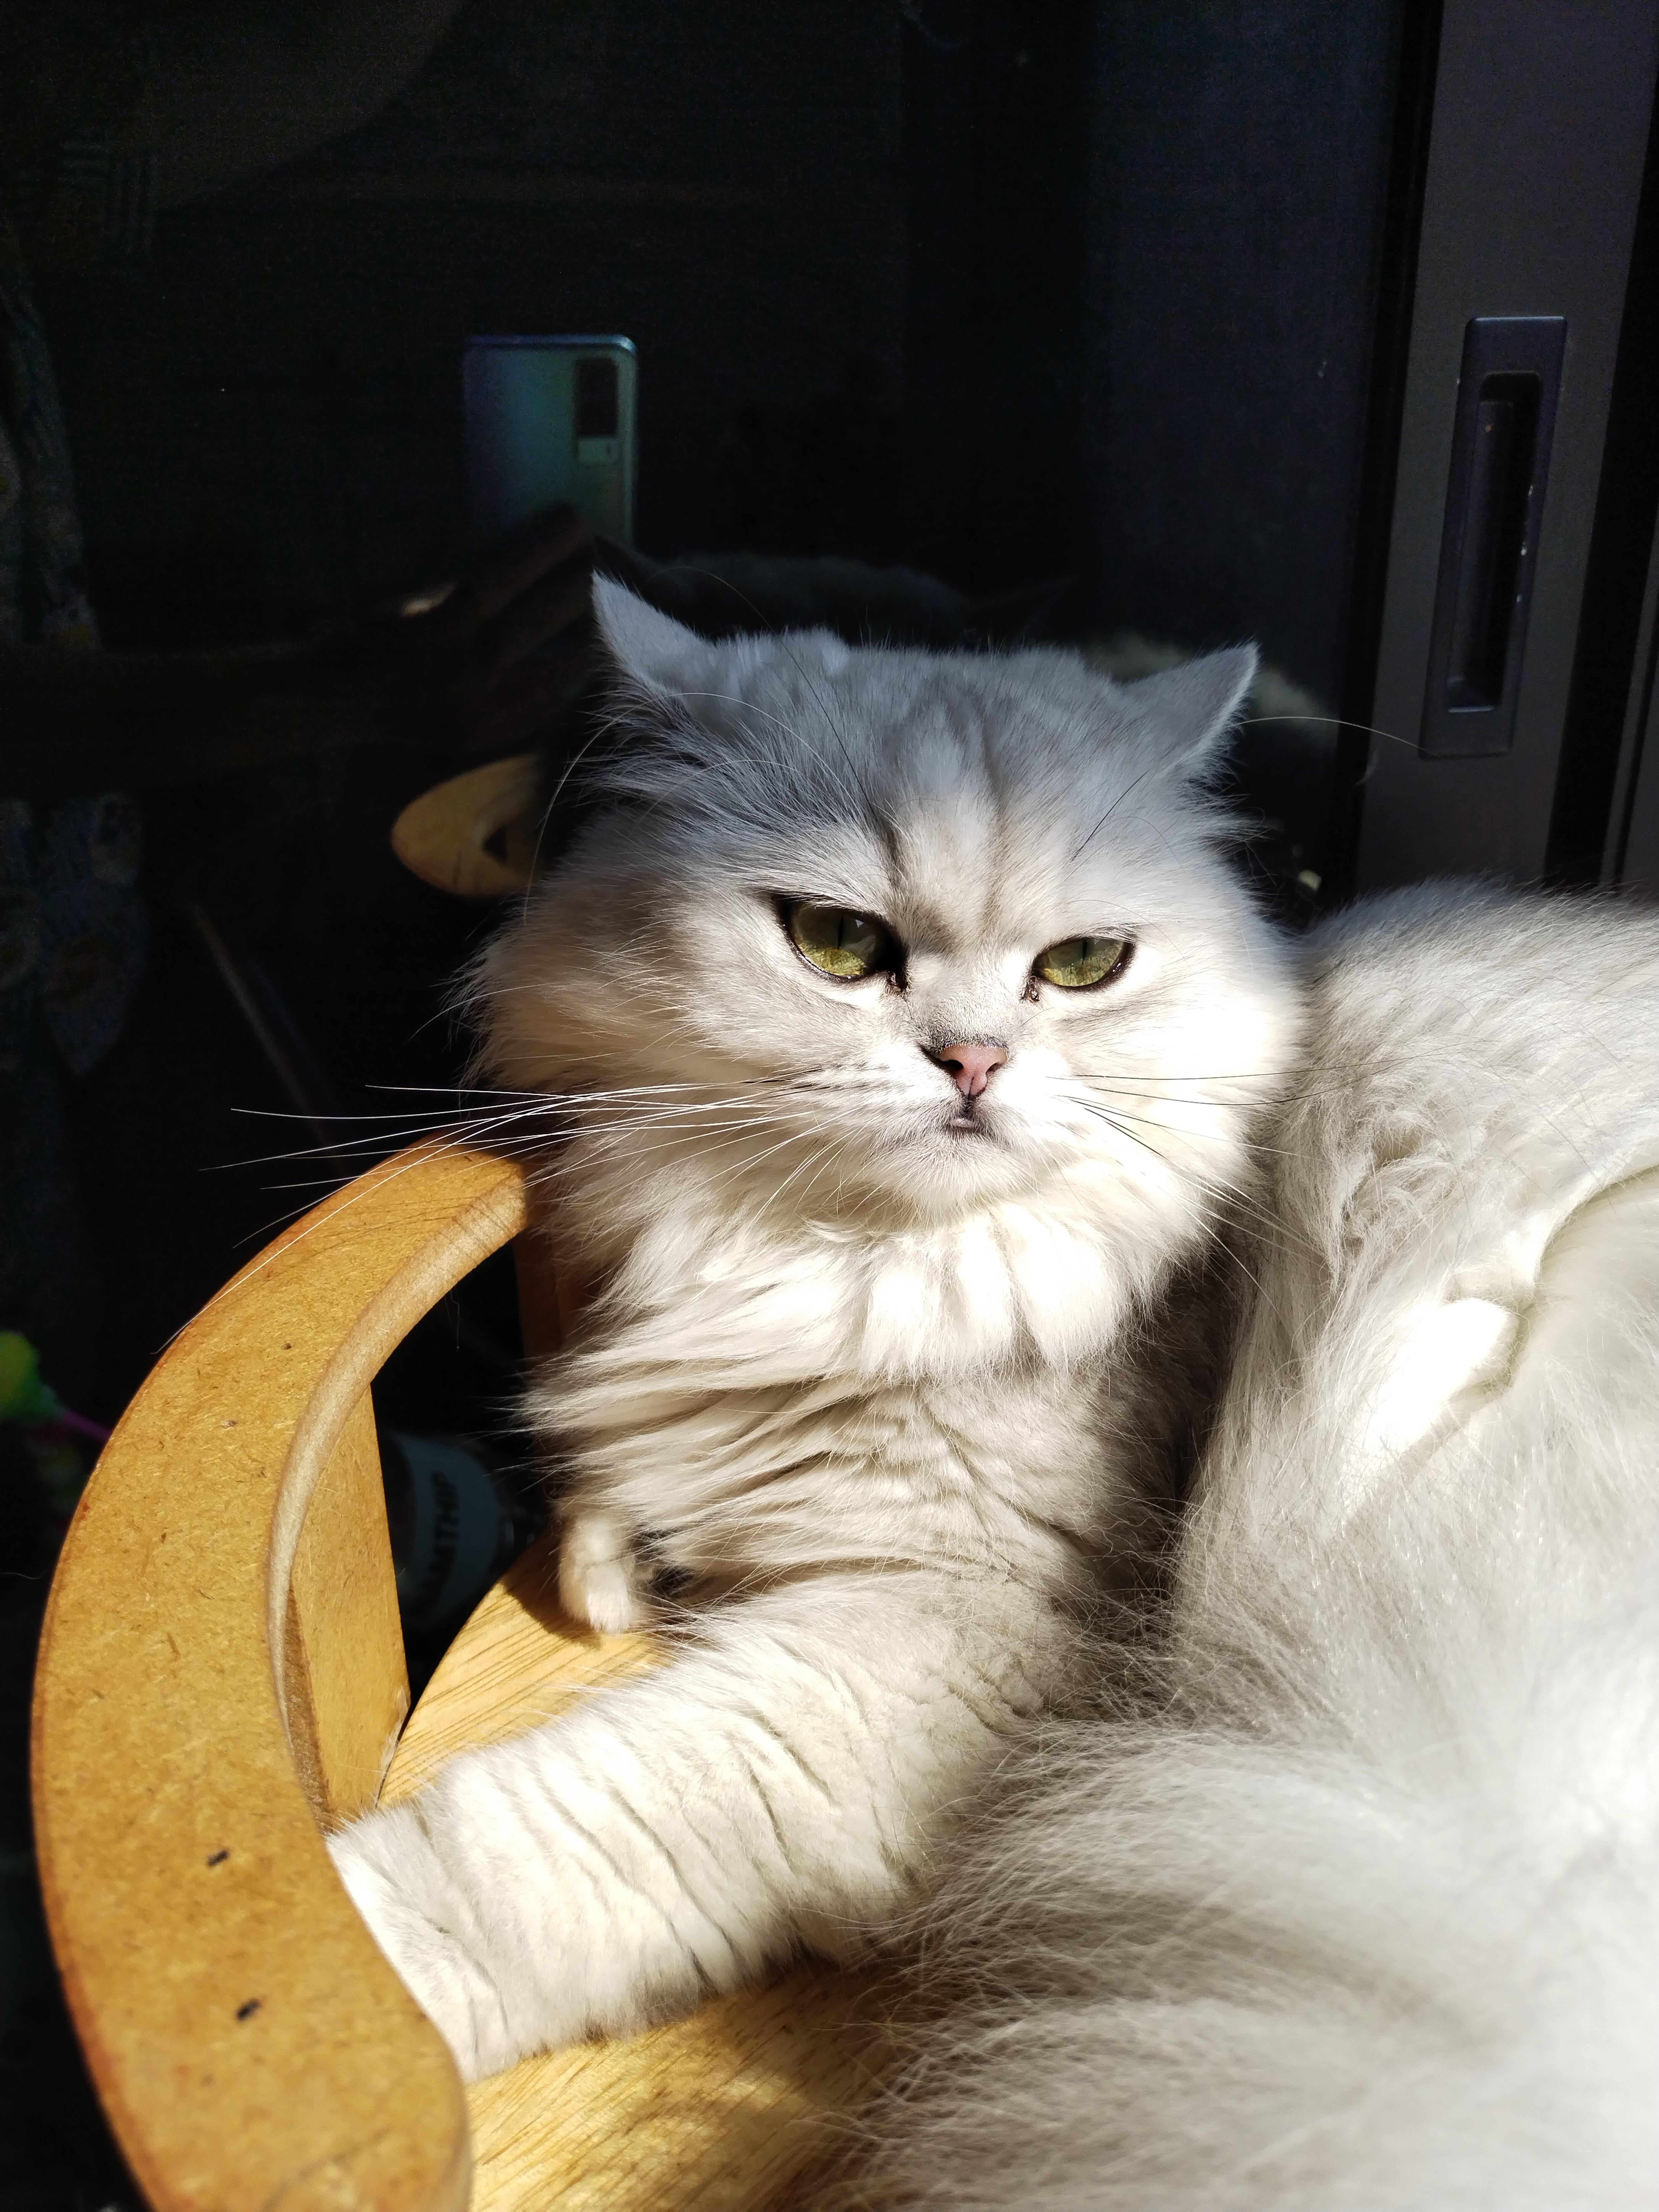 ถ่ายภาพแมว 48MP